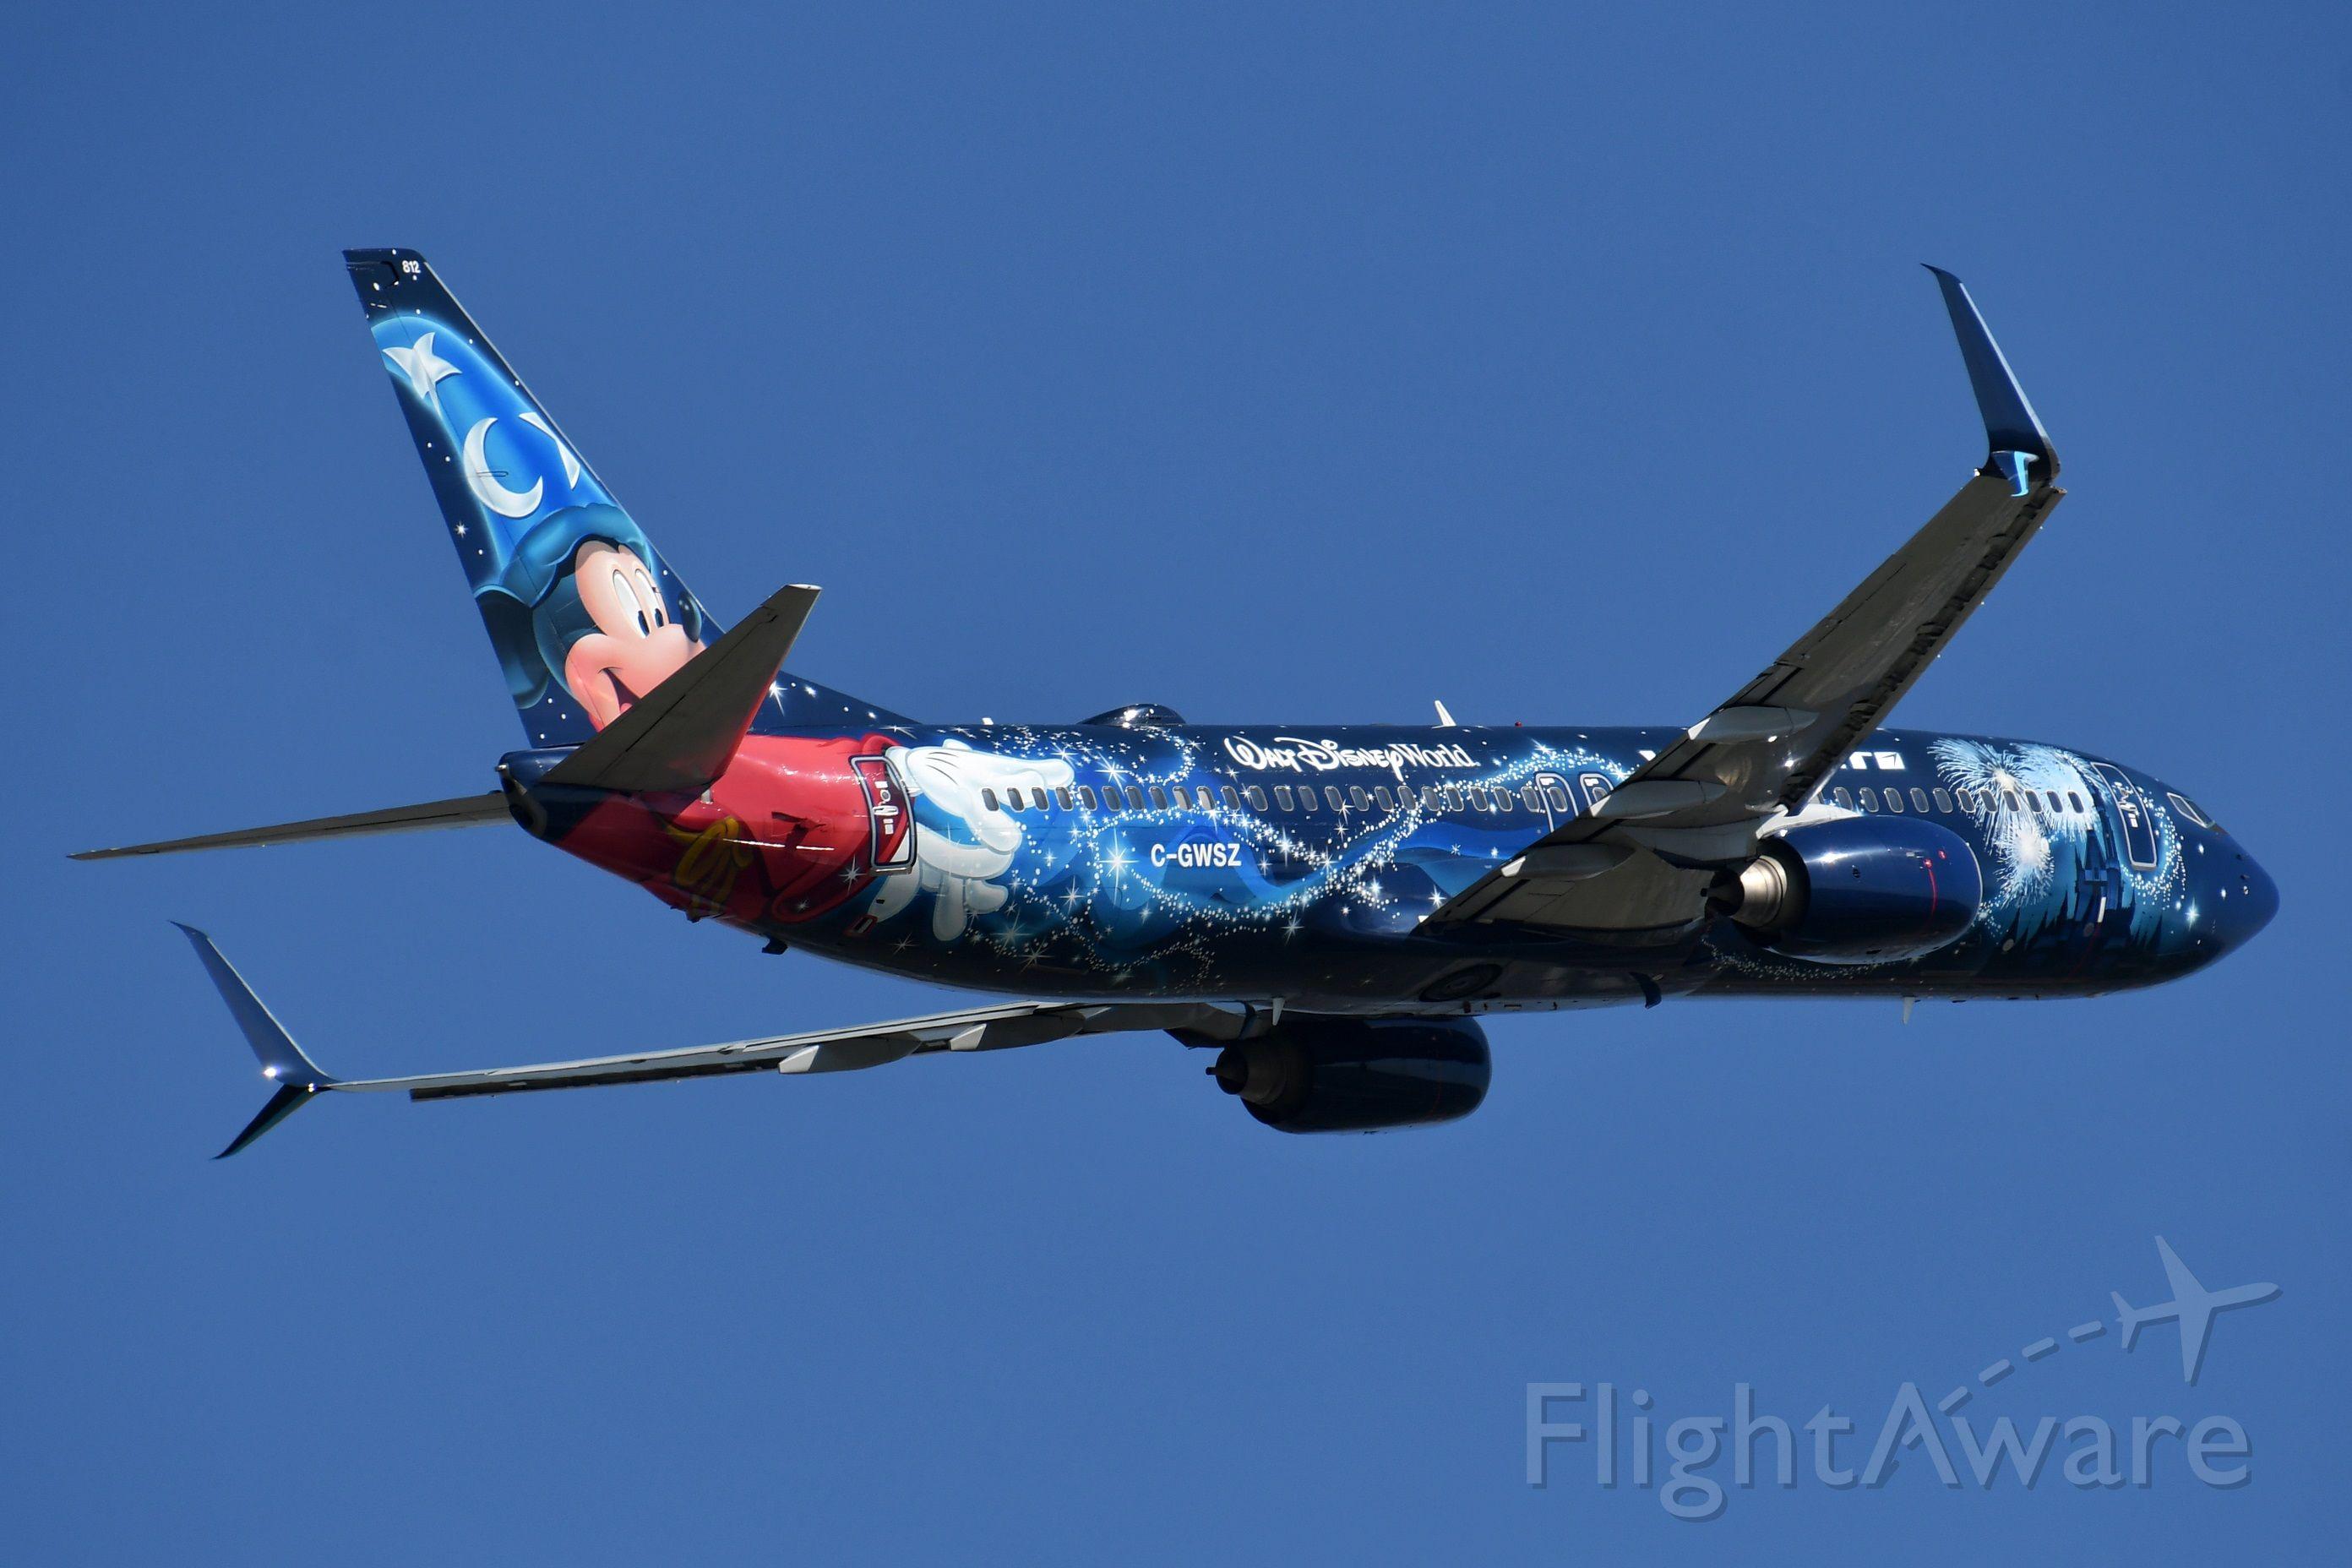 Boeing 737-800 (C-GWSZ) - Mickey departing YYC on May 27.